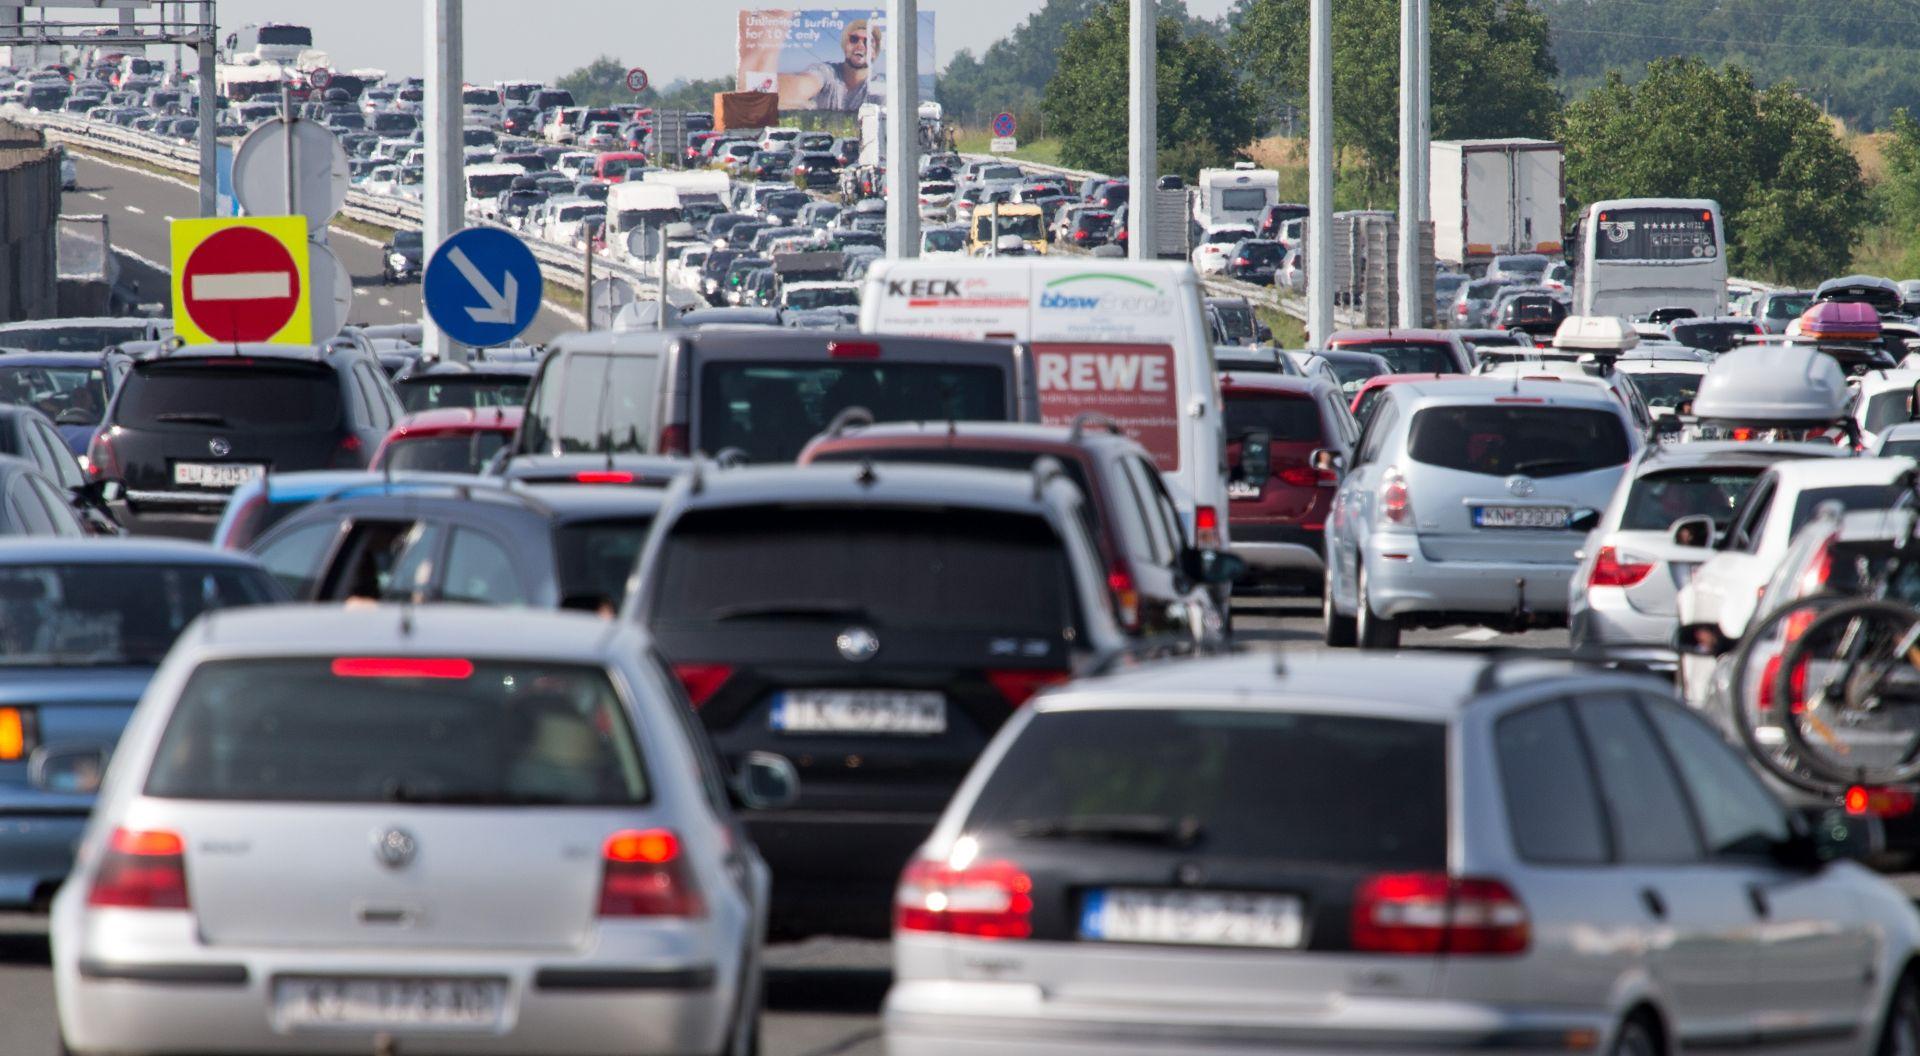 HAK Pojačan promet na hrvatskim cestama, nekoliko prometnih nesreća